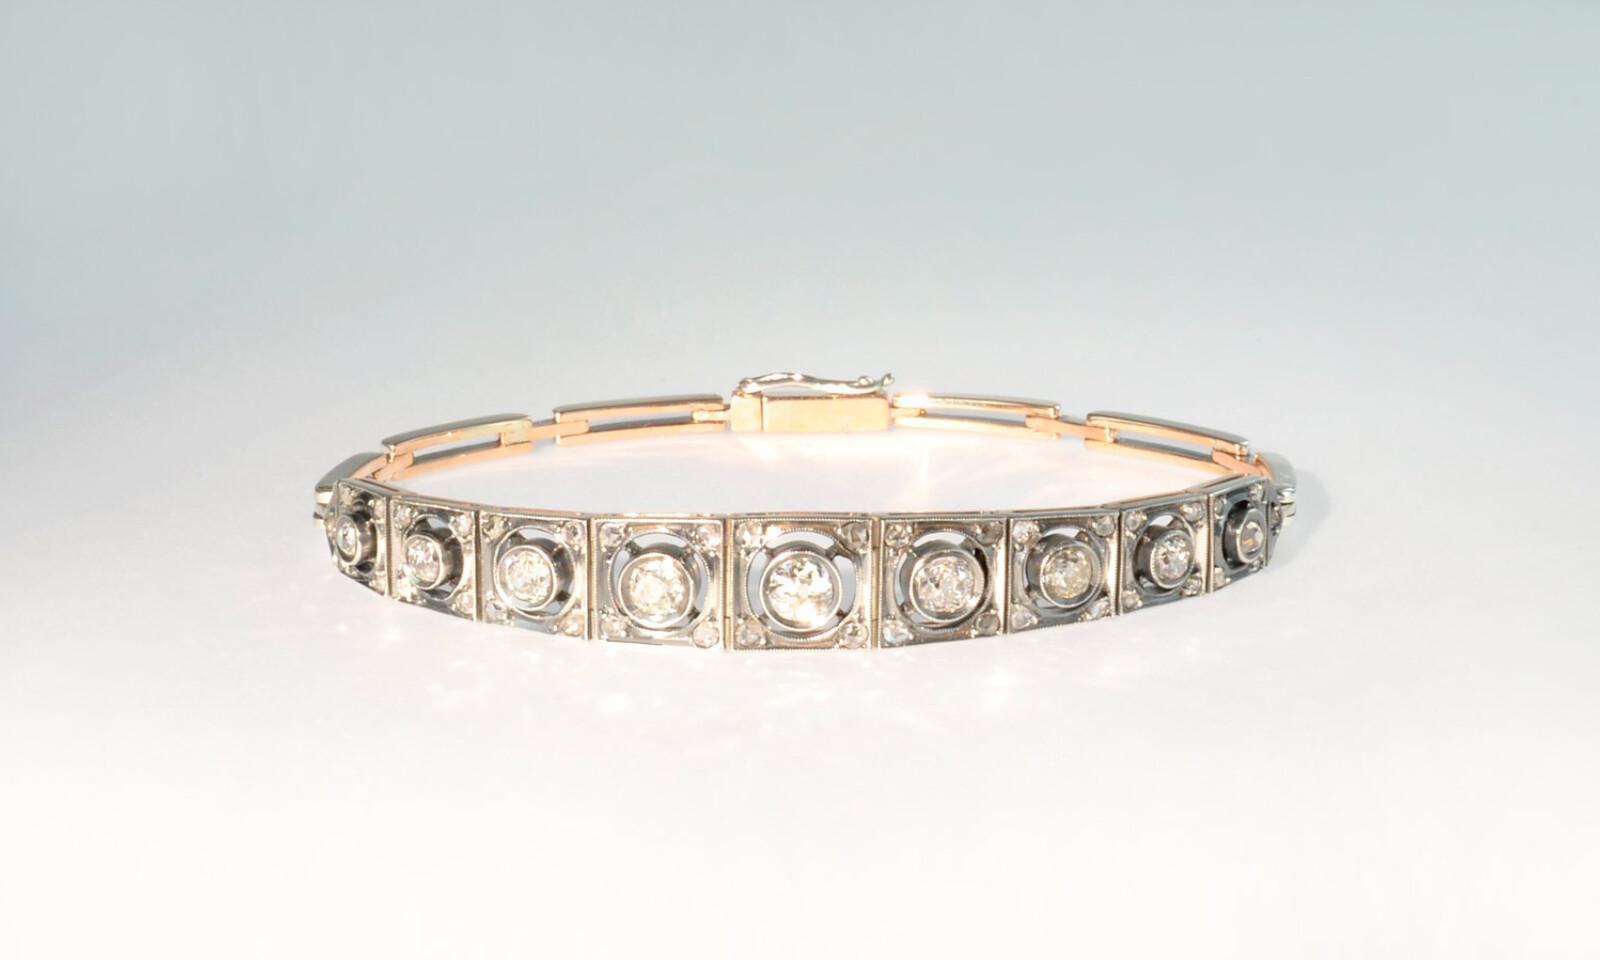 Bracelet silber rotgold diam. Bracelet um 1870, Silber auf Rotgold mit 9 Diamanten Altschliff Hsi P1 2.60 ct., 3.0 - 4.5 mm und 38 kleinen Diamanten, Länge 18 cm, CHF 4300.-